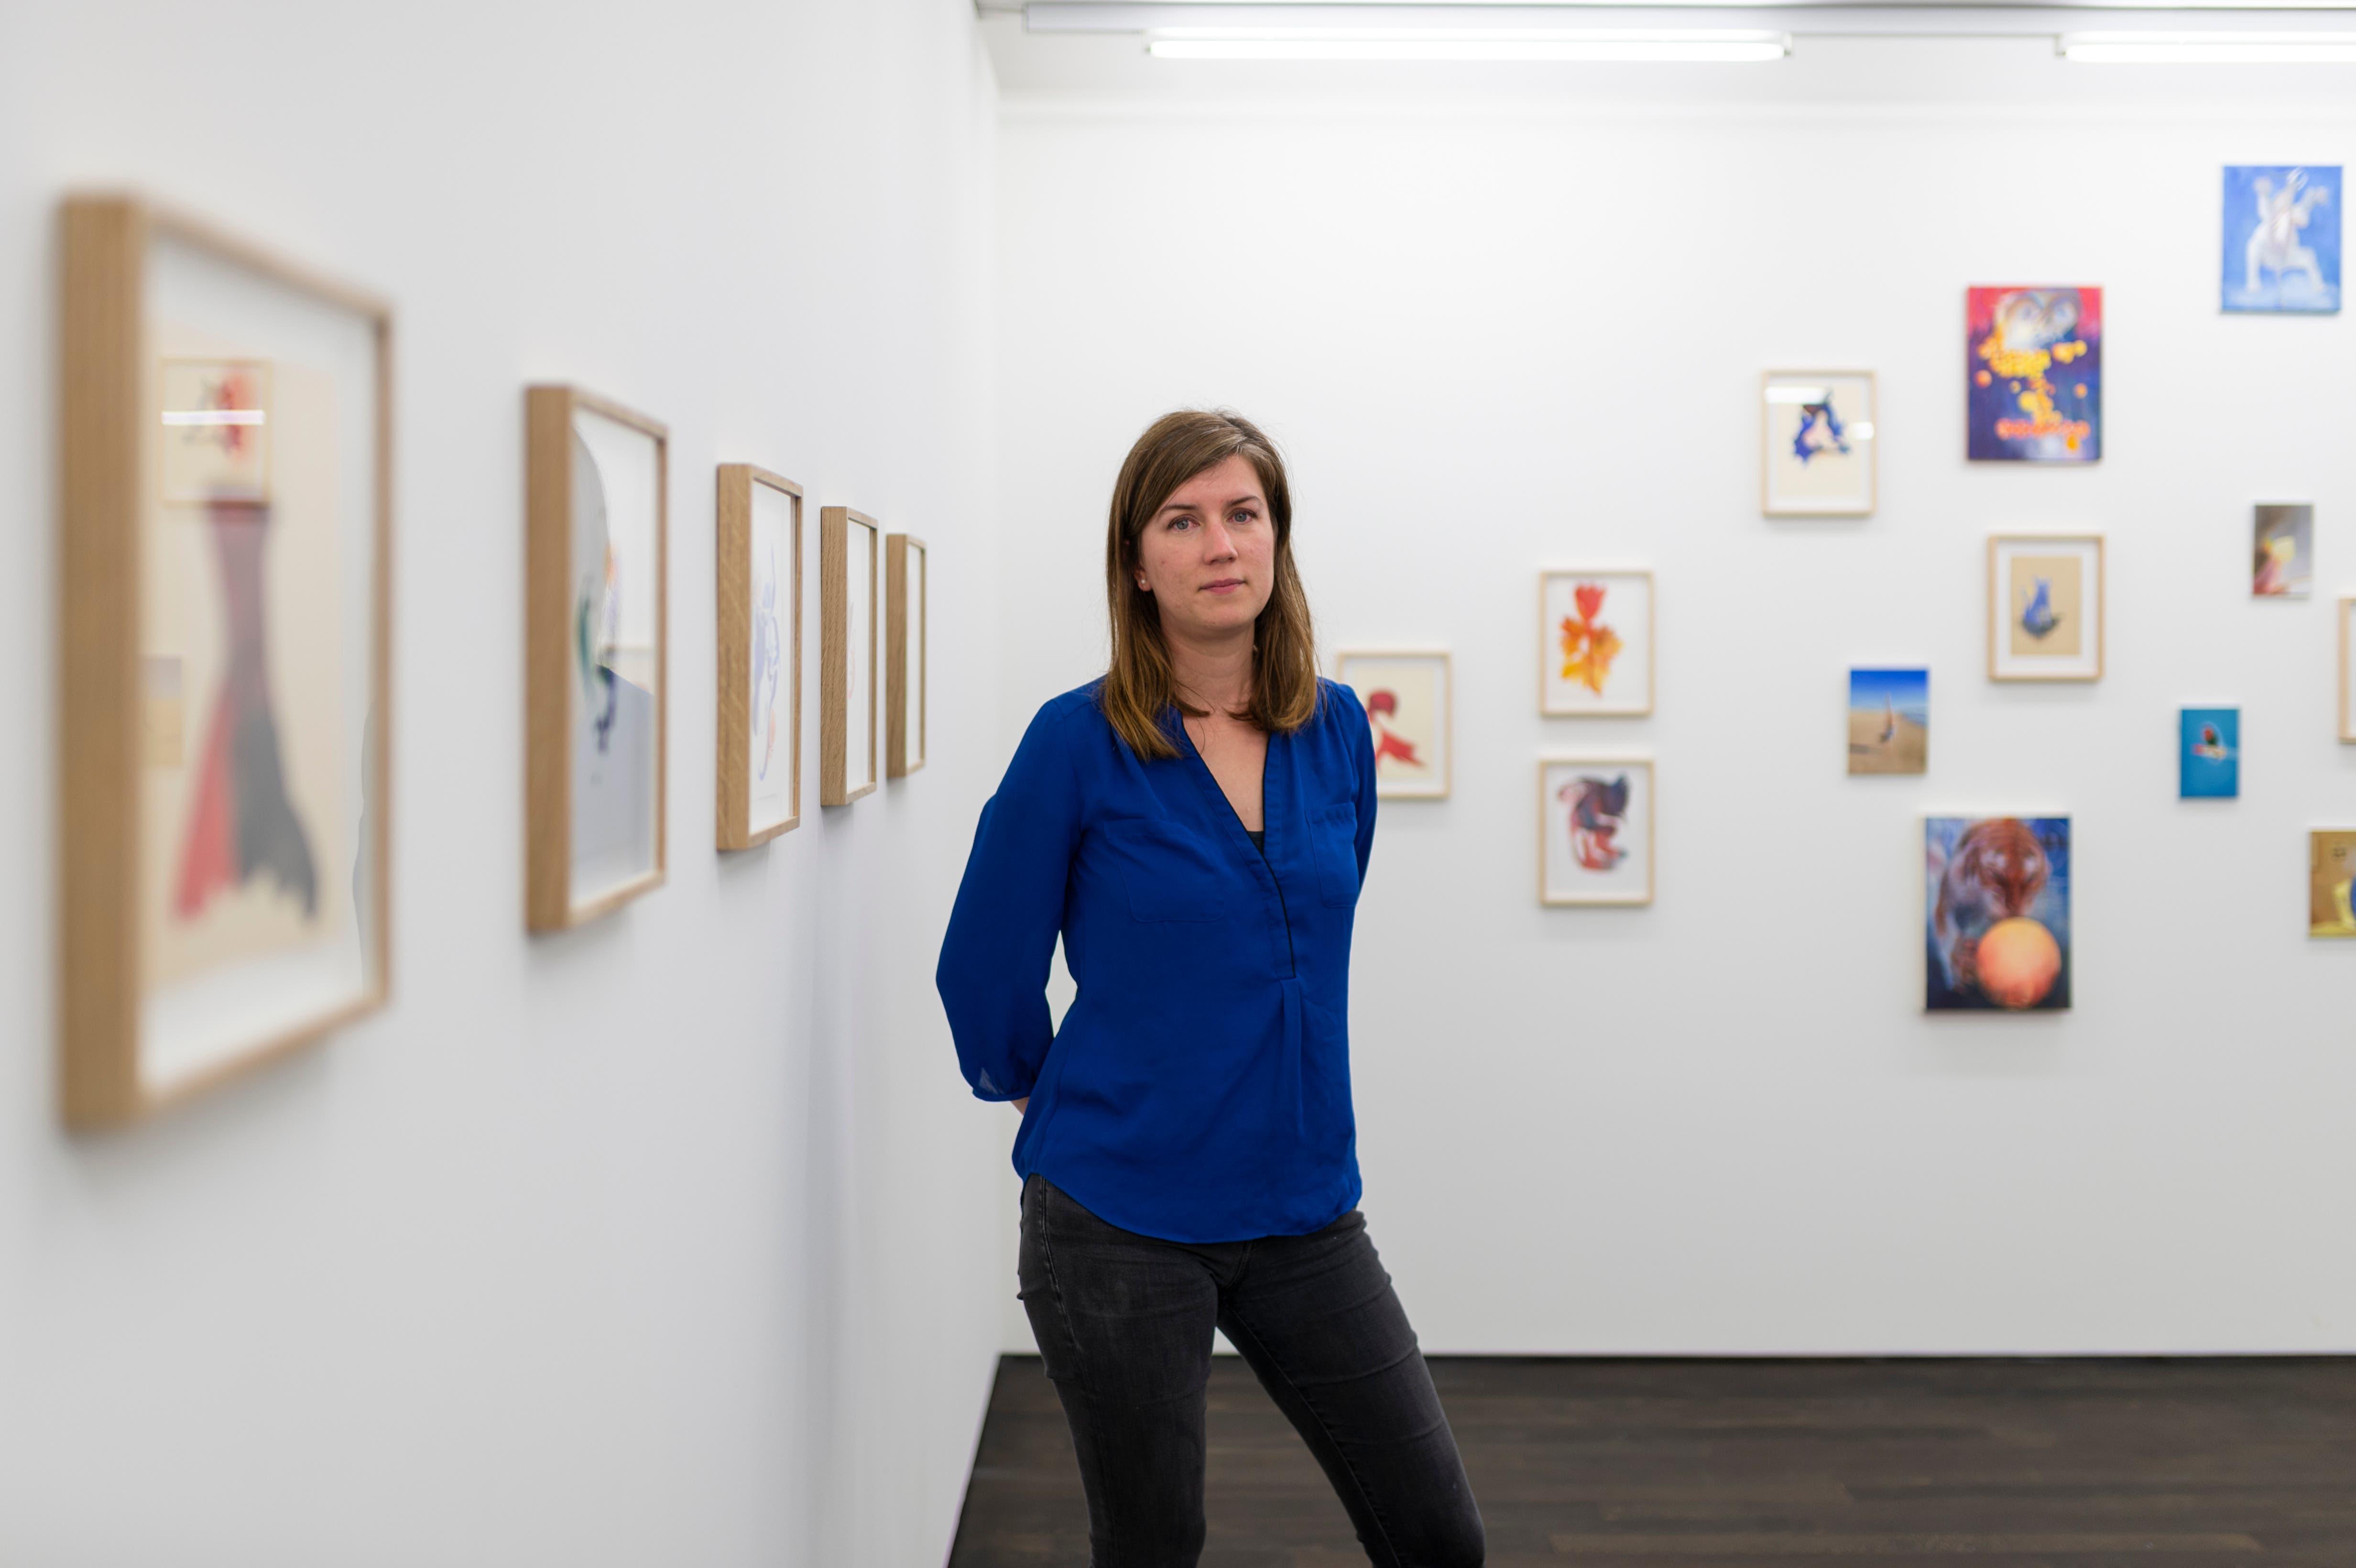 Irene Bisang im ersten Stock der Galerie Benzeholz in Meggen - inmitten ihrer Ausstellung «Whirled Peas».